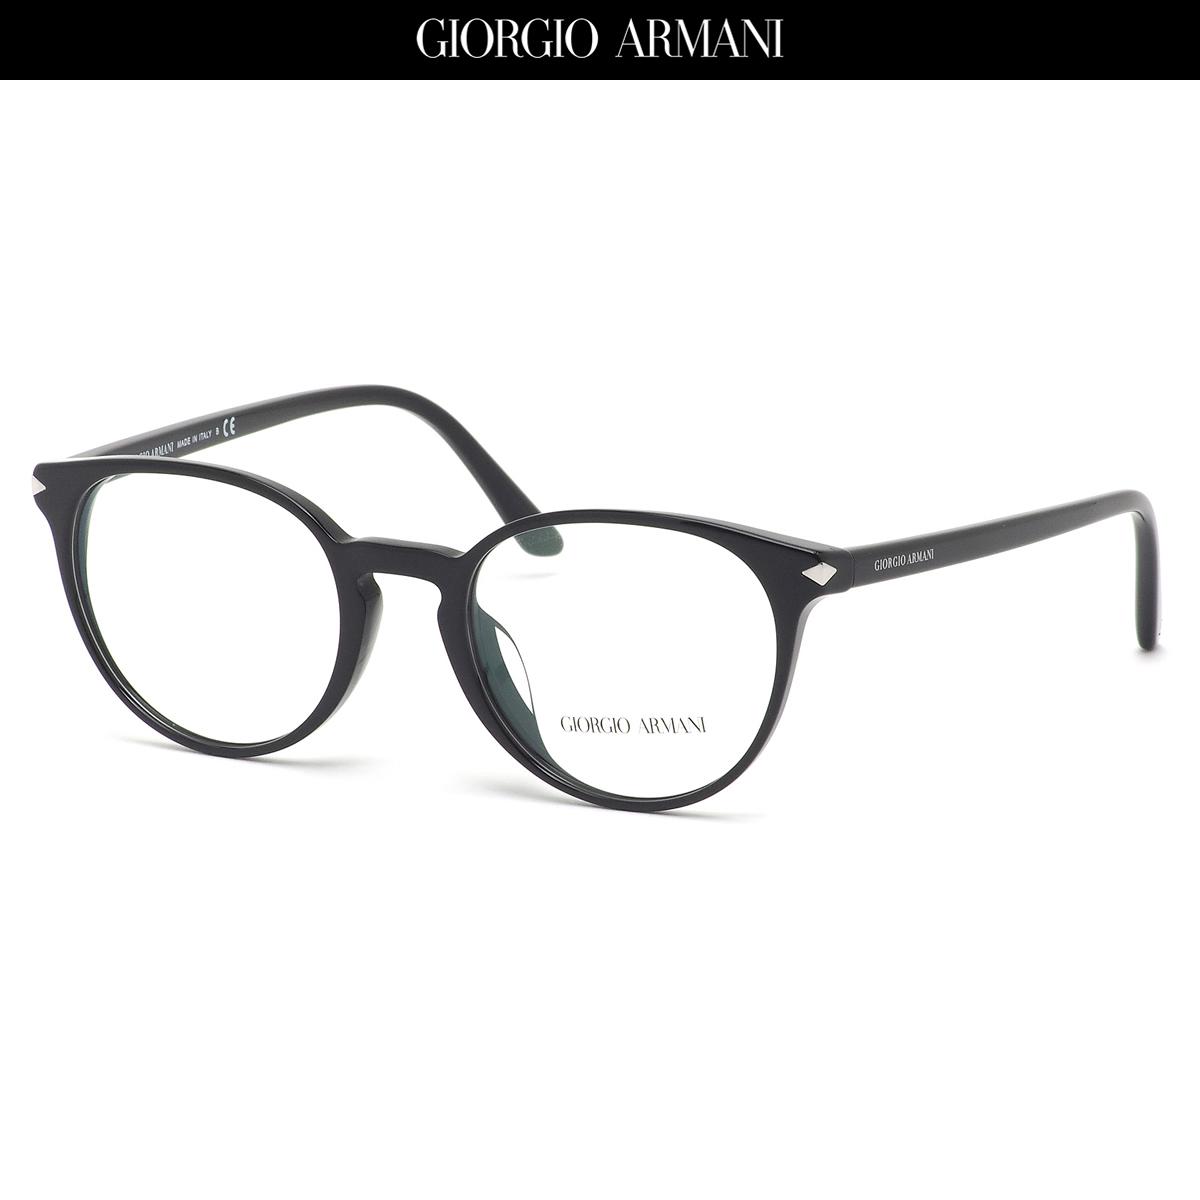 GIORGIO ARMANI ジョルジオアルマーニ メガネ AR7176F 5001 50サイズ キーホールブリッジ 黒縁 ジョルジオアルマーニGIORGIOARMANI メンズ レディース